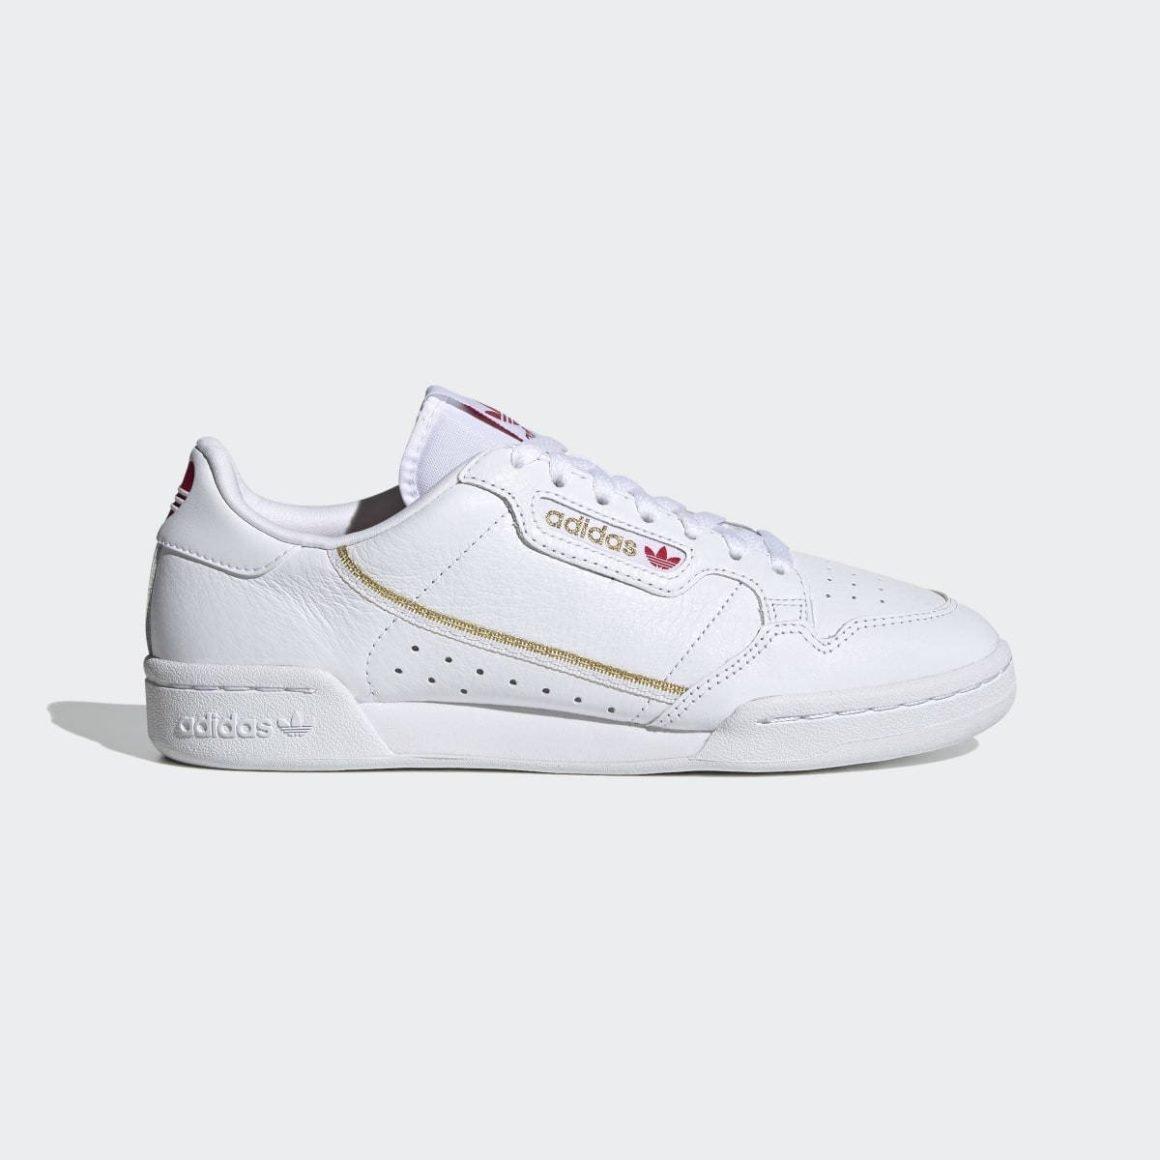 adidas-continental-80-schuh-fw6391